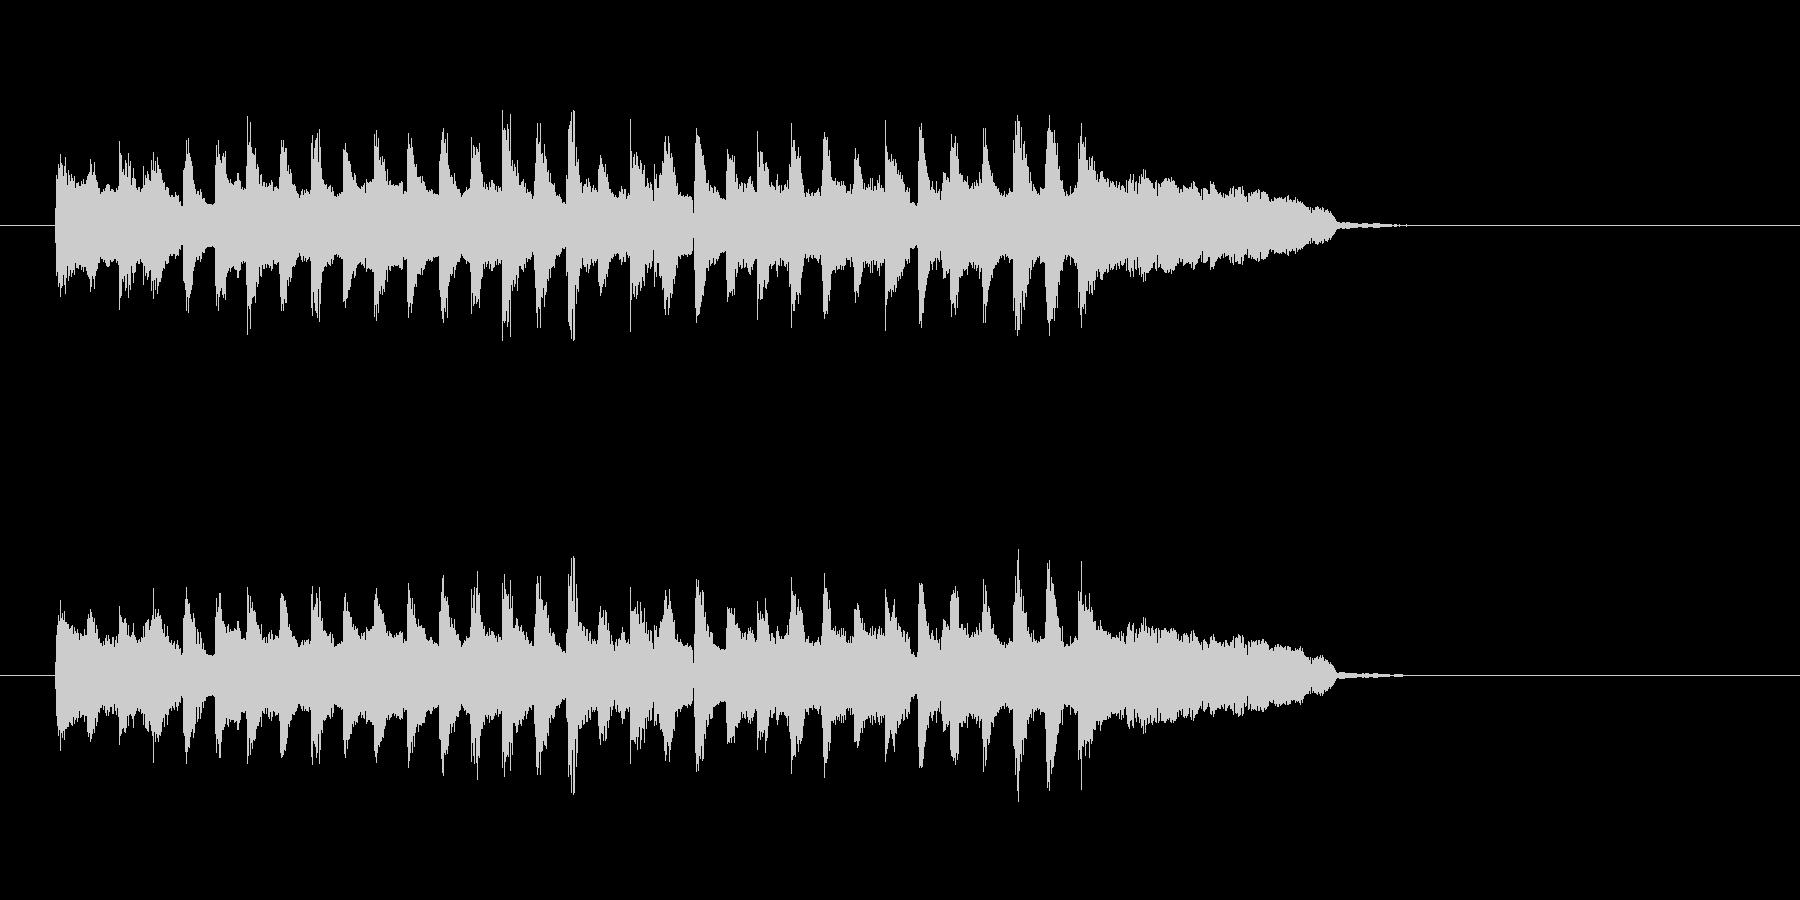 コミカル シンセサイザー ほのぼのの未再生の波形